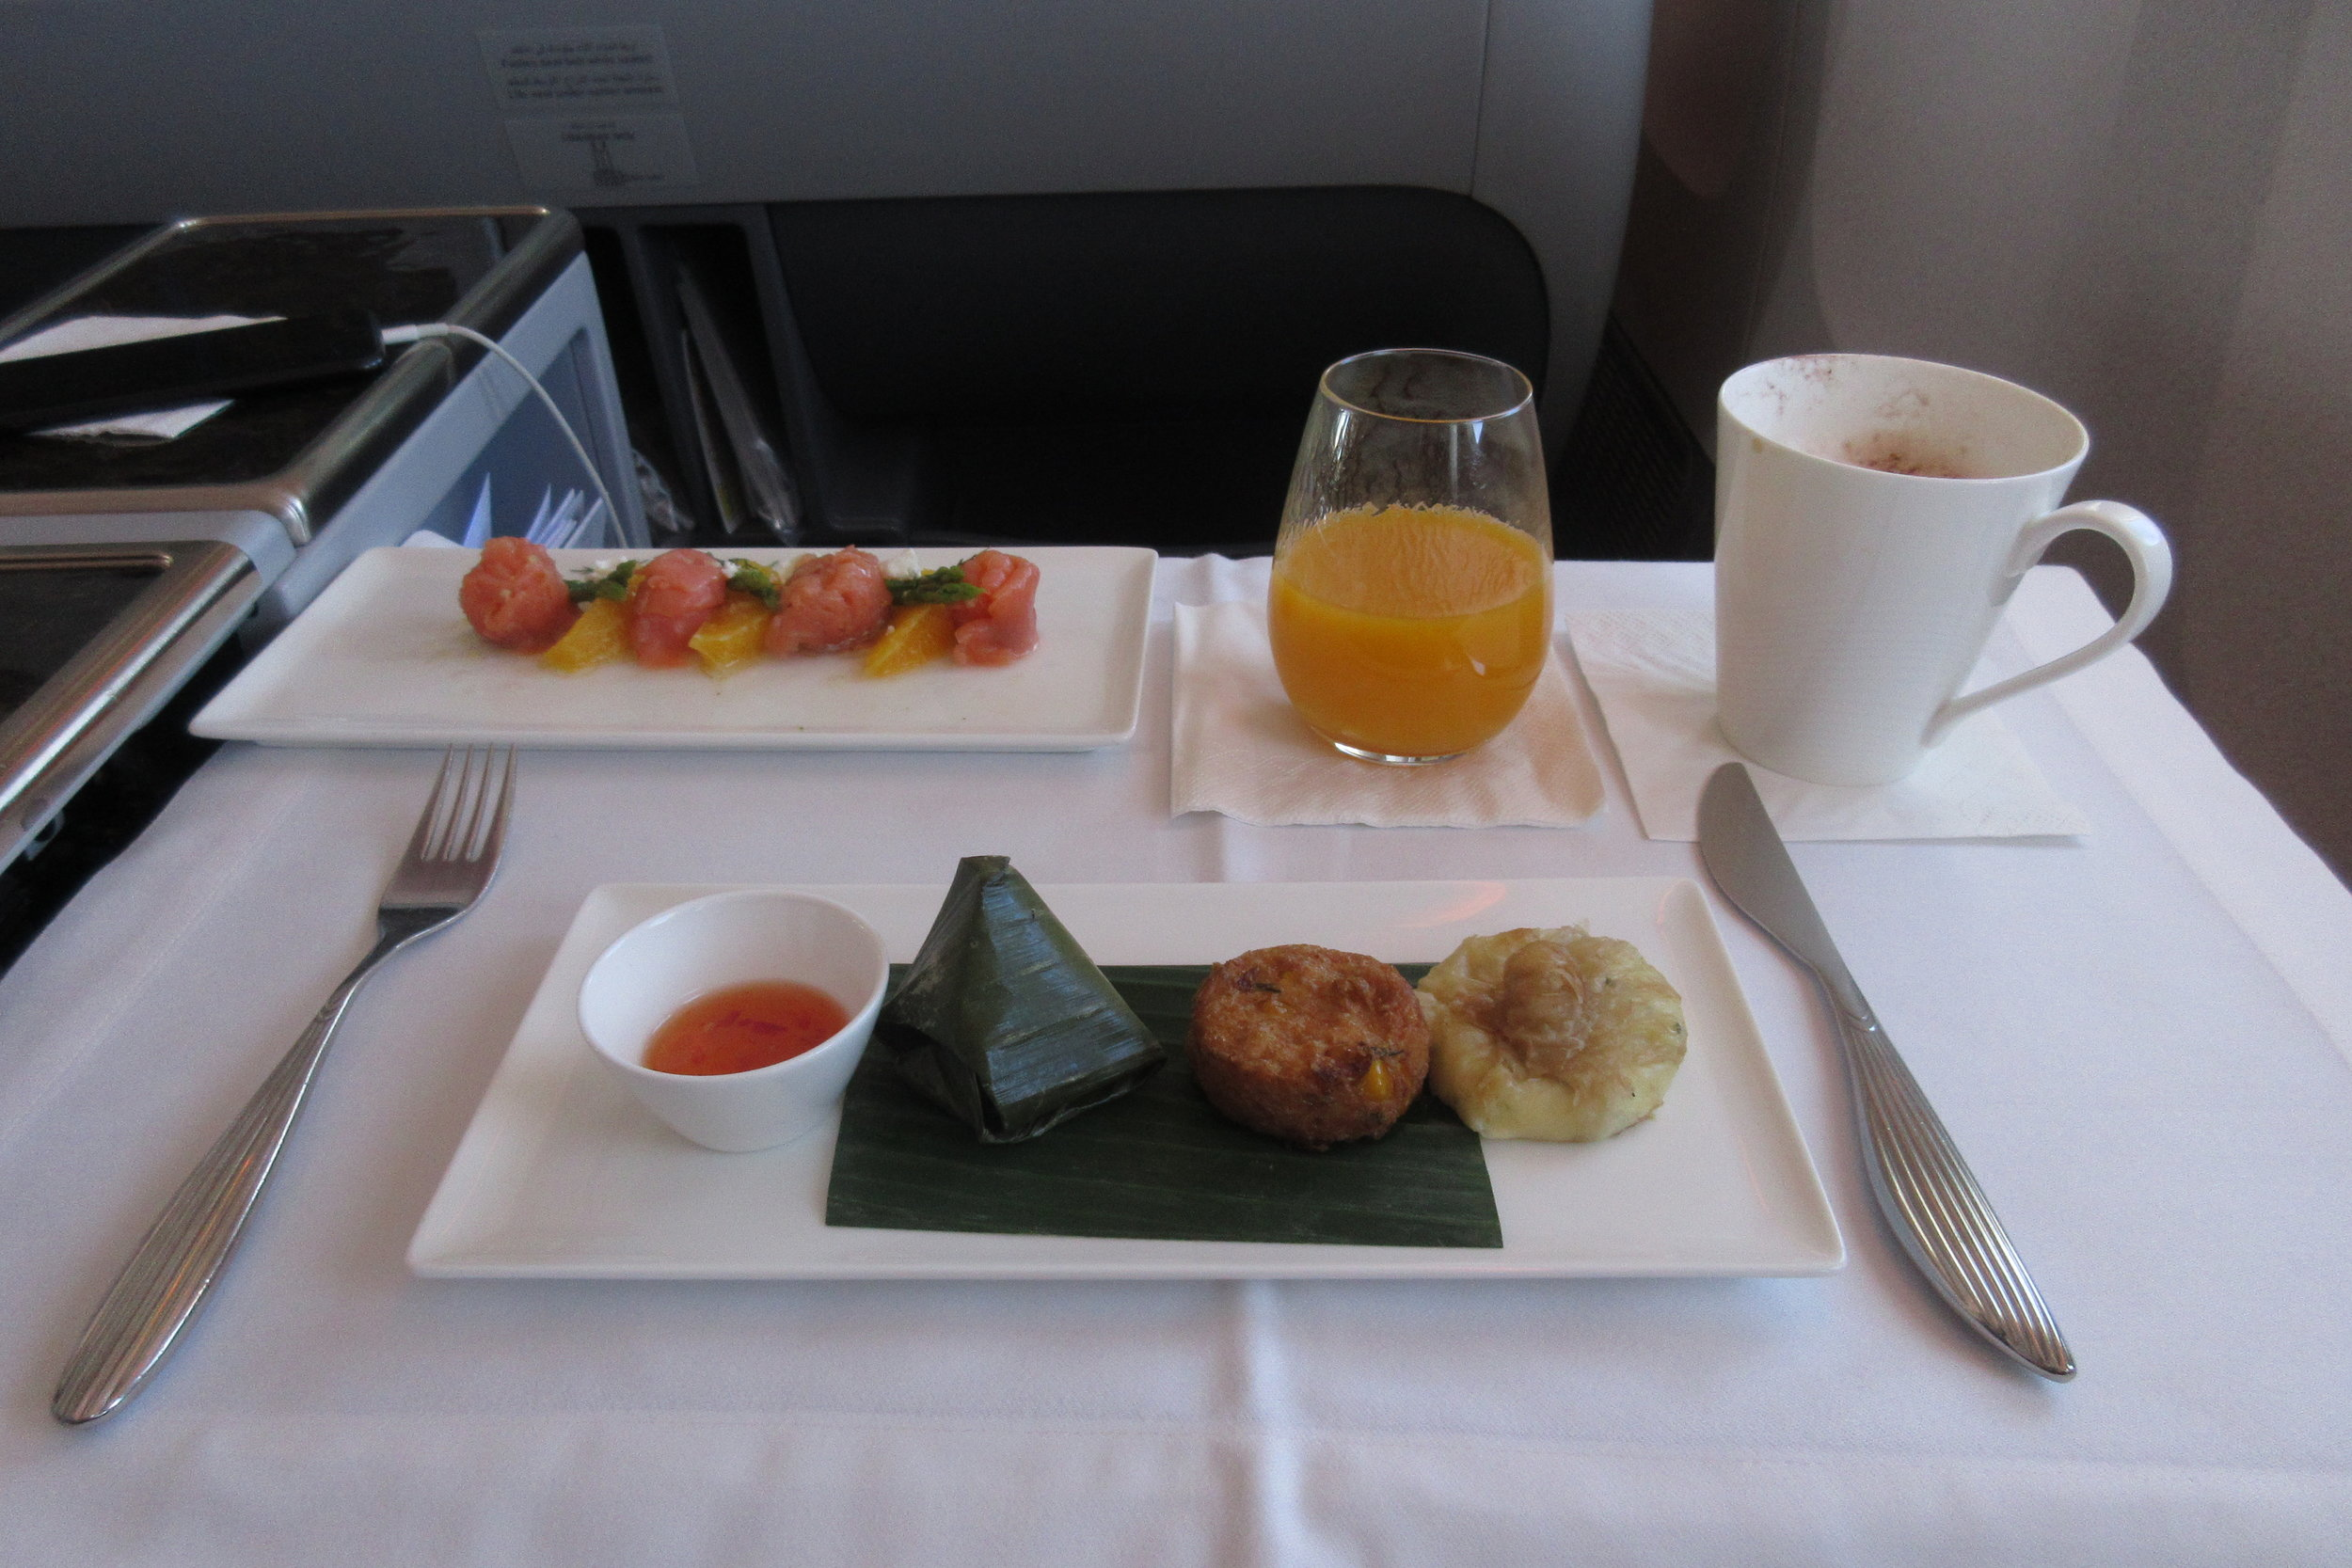 Qatar Airways 777 business class – Light meal